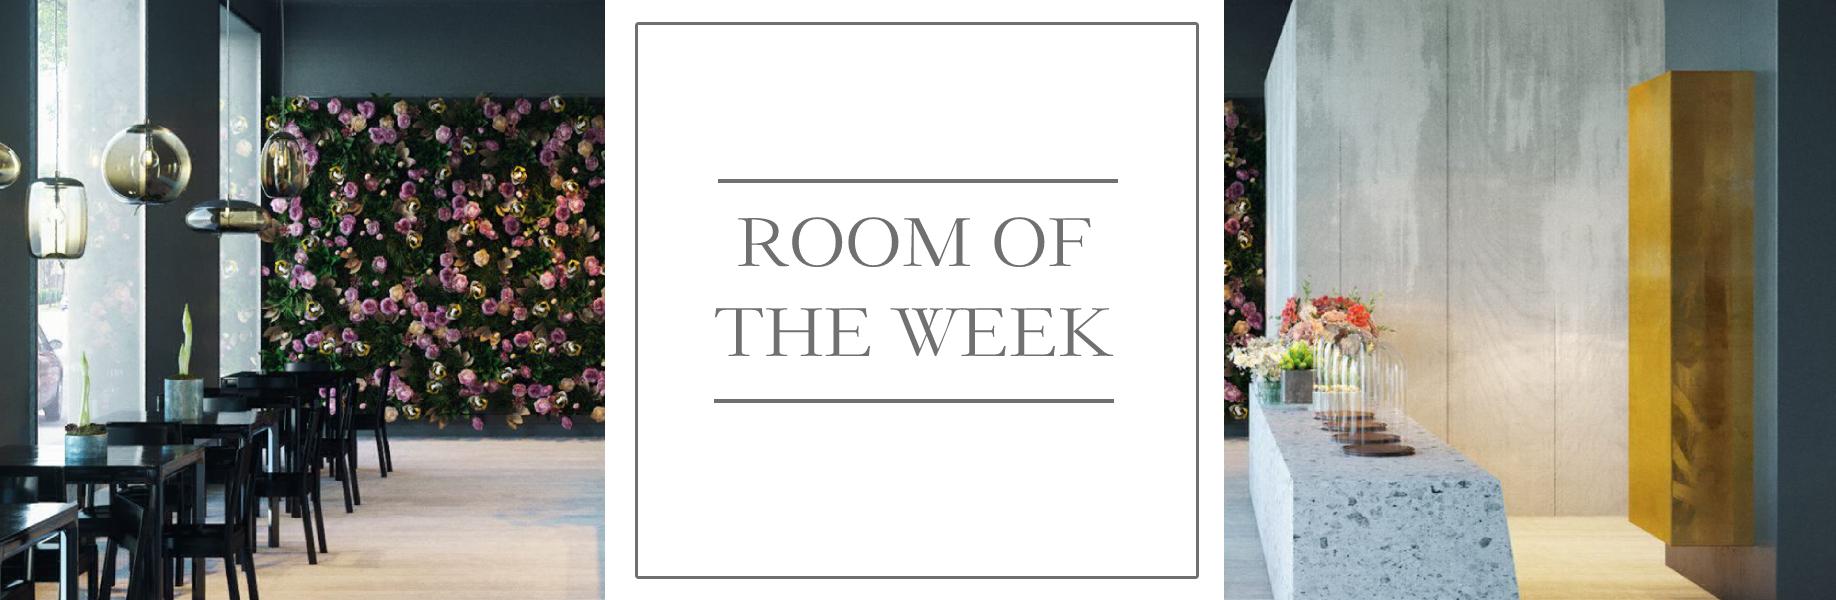 room of the week